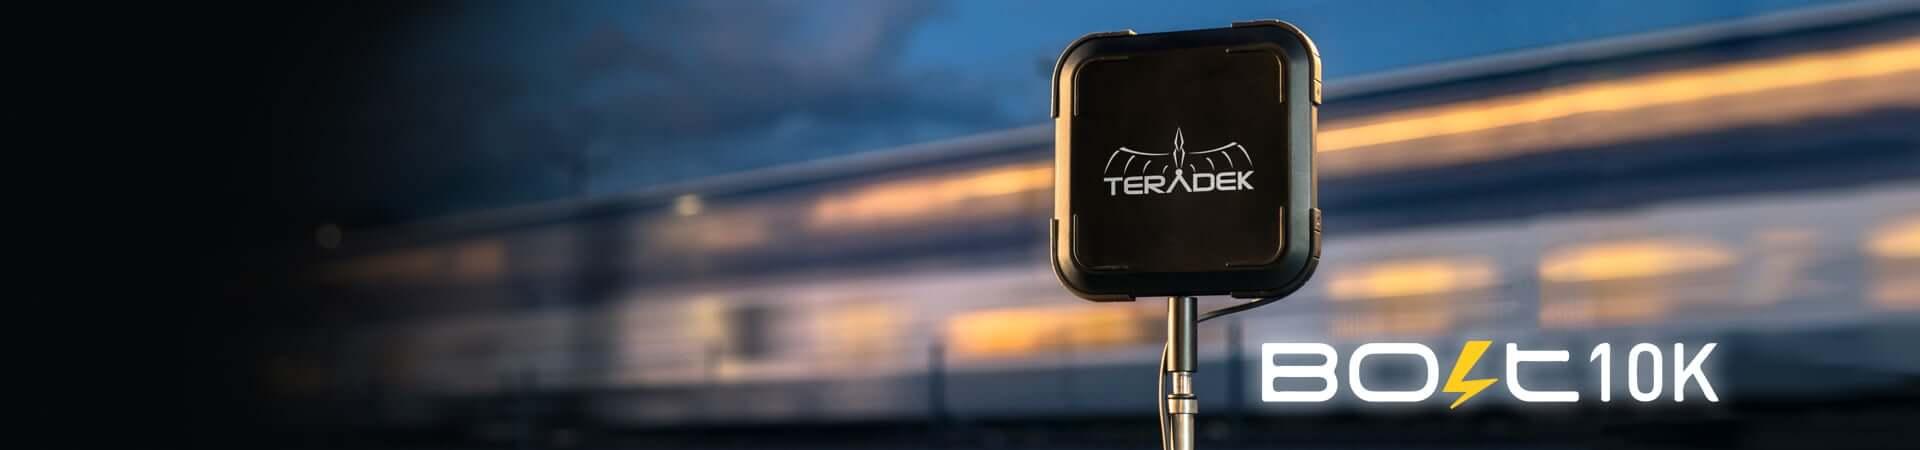 Teradek-Bolt-10k.jpg